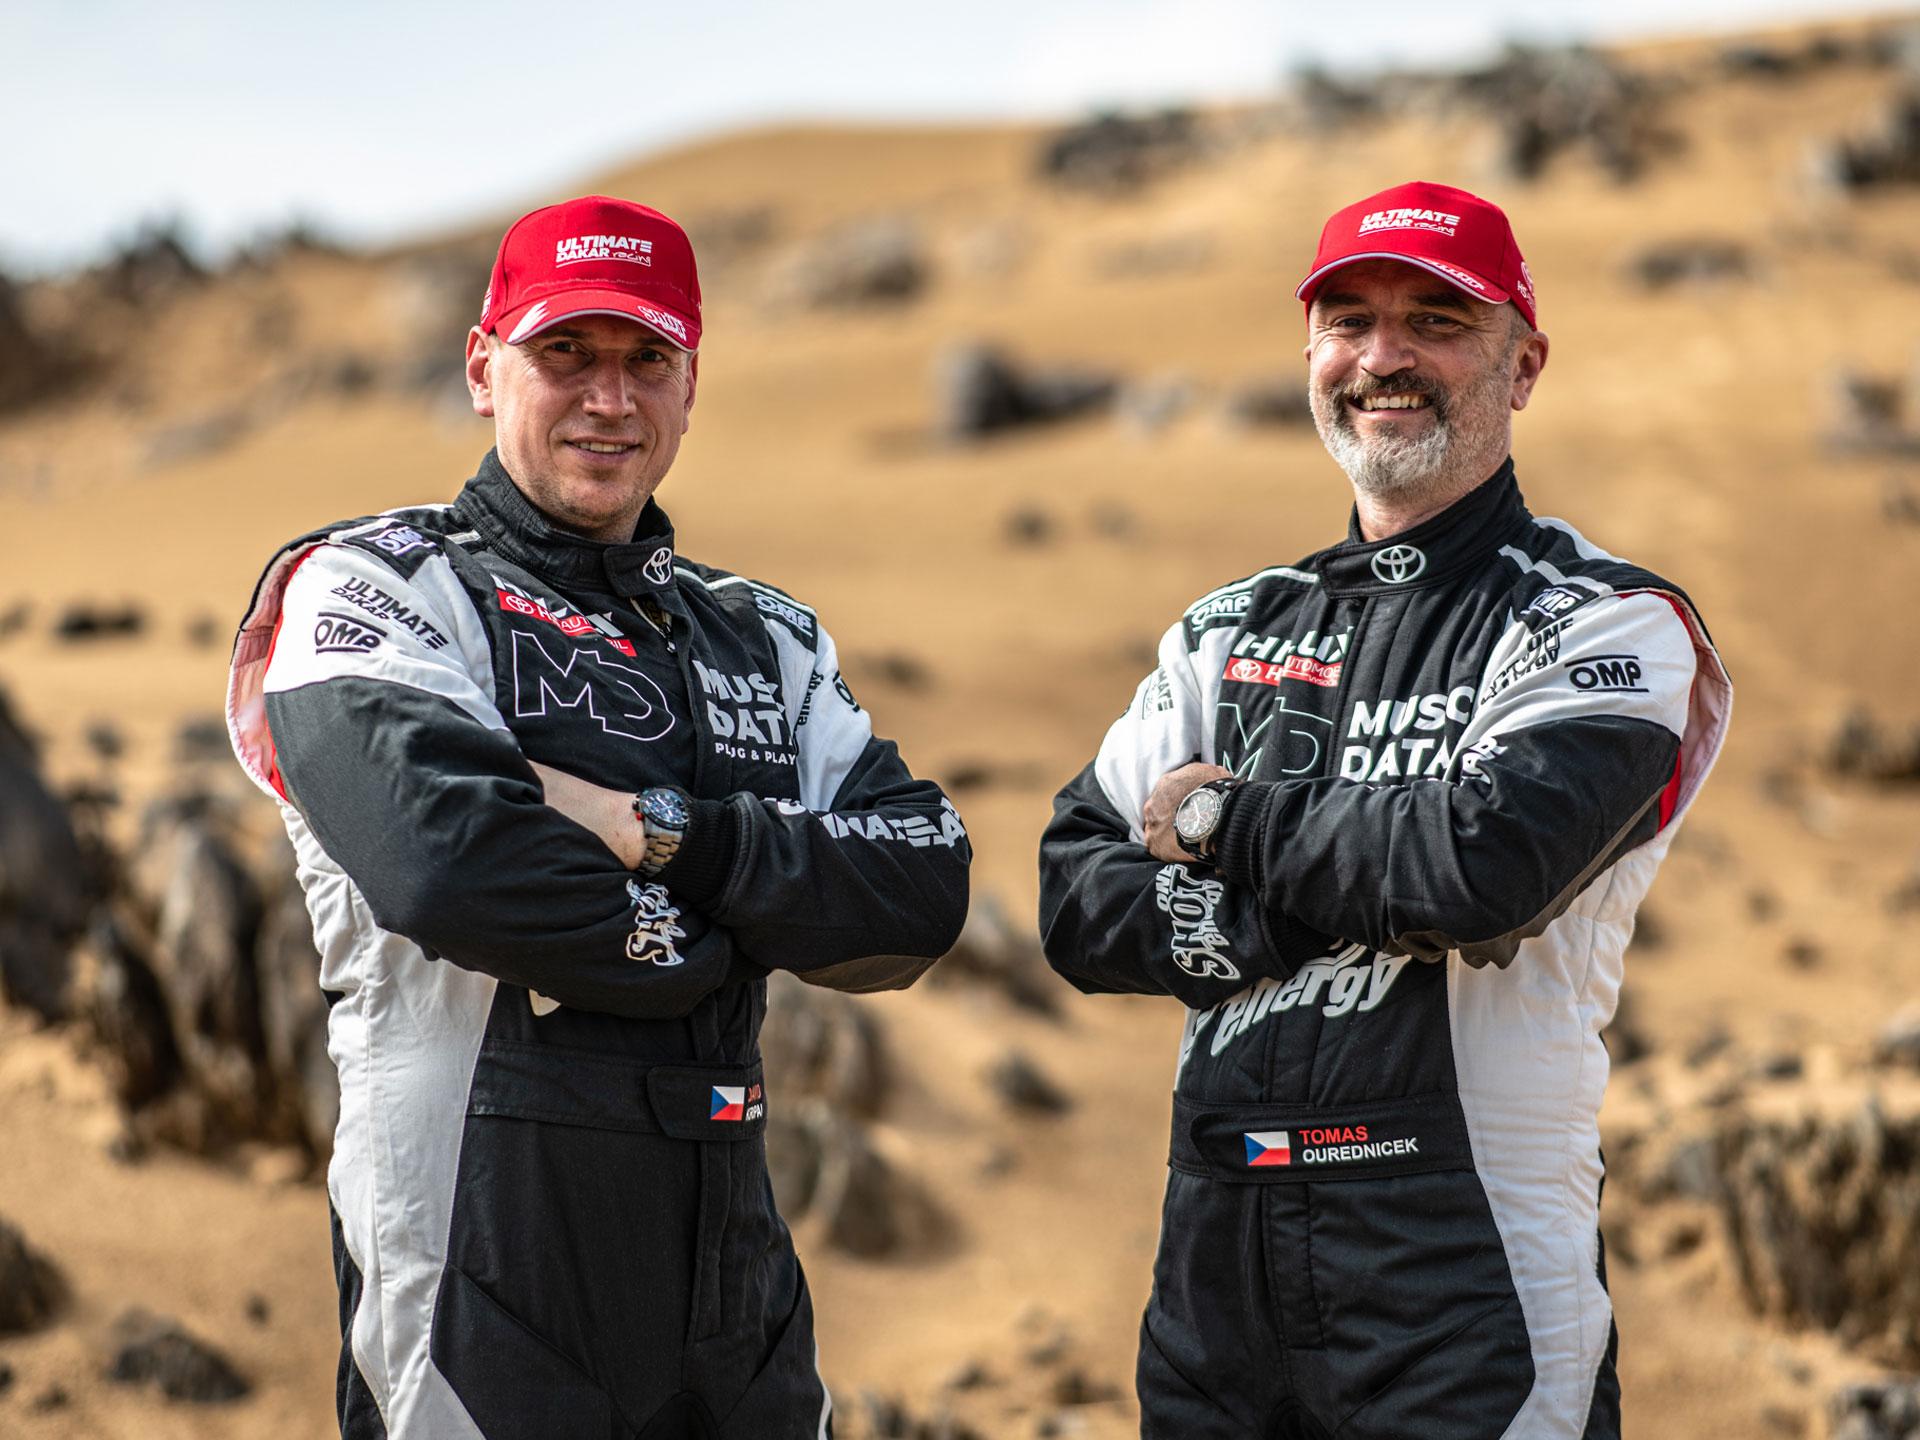 Obrázek galerie Kšiltovka Ultimate Dakar Racing - kolekce 2021 - červená